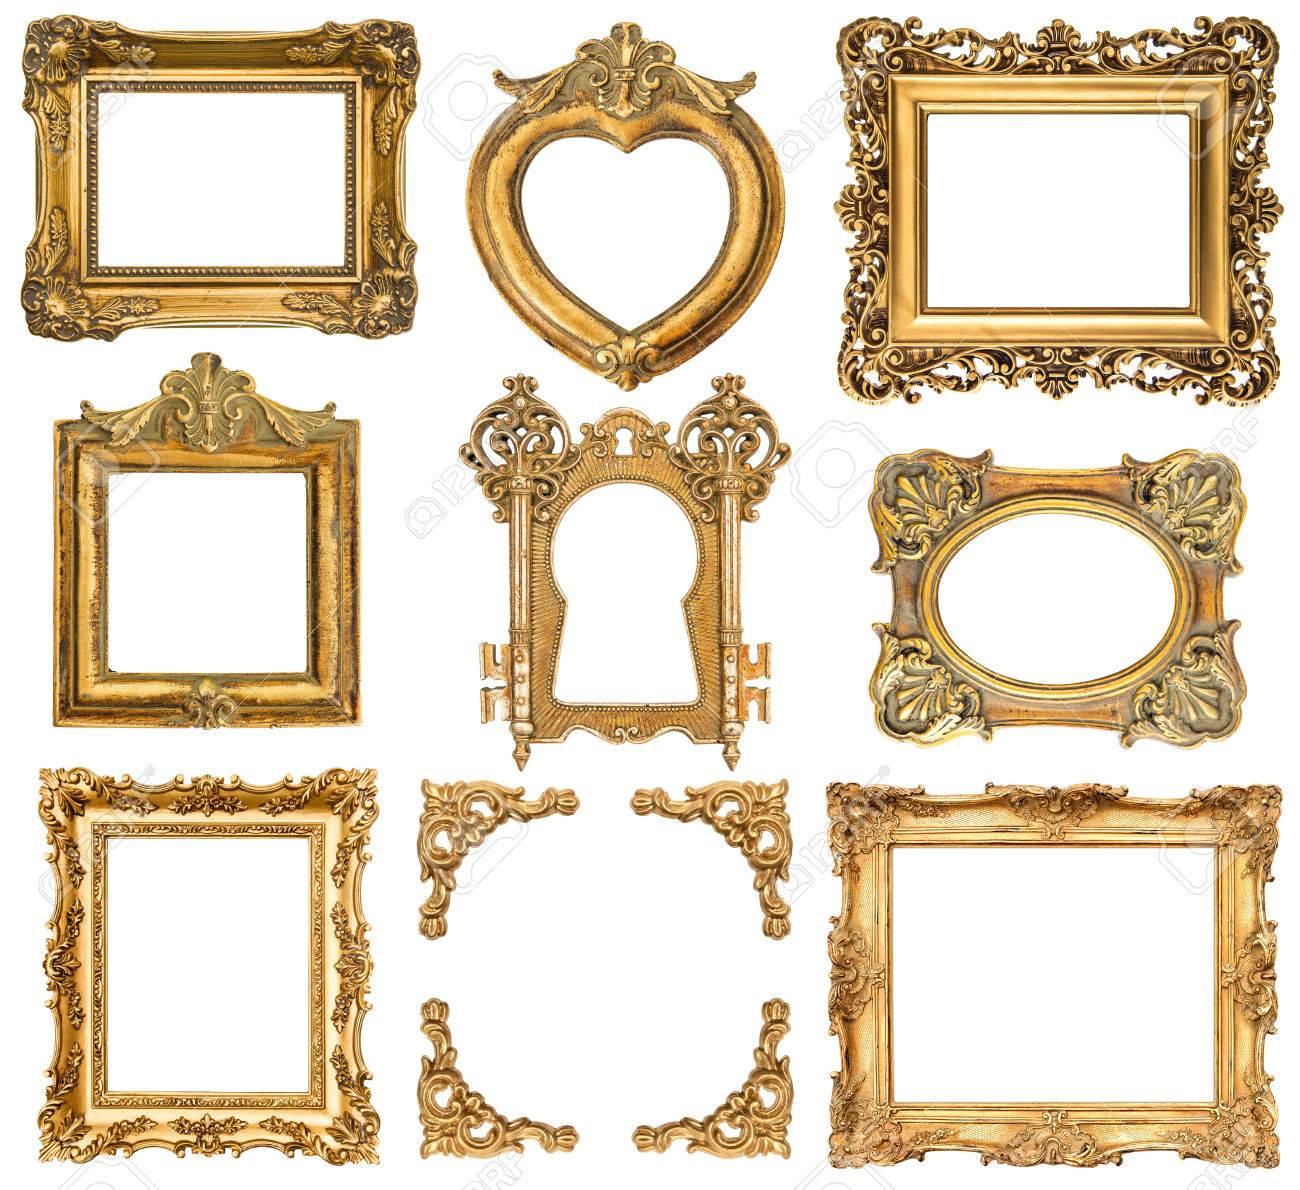 Conjunto De Marcos De Oro Aisladas En Blanco Antiguo Estilo Barroco ...